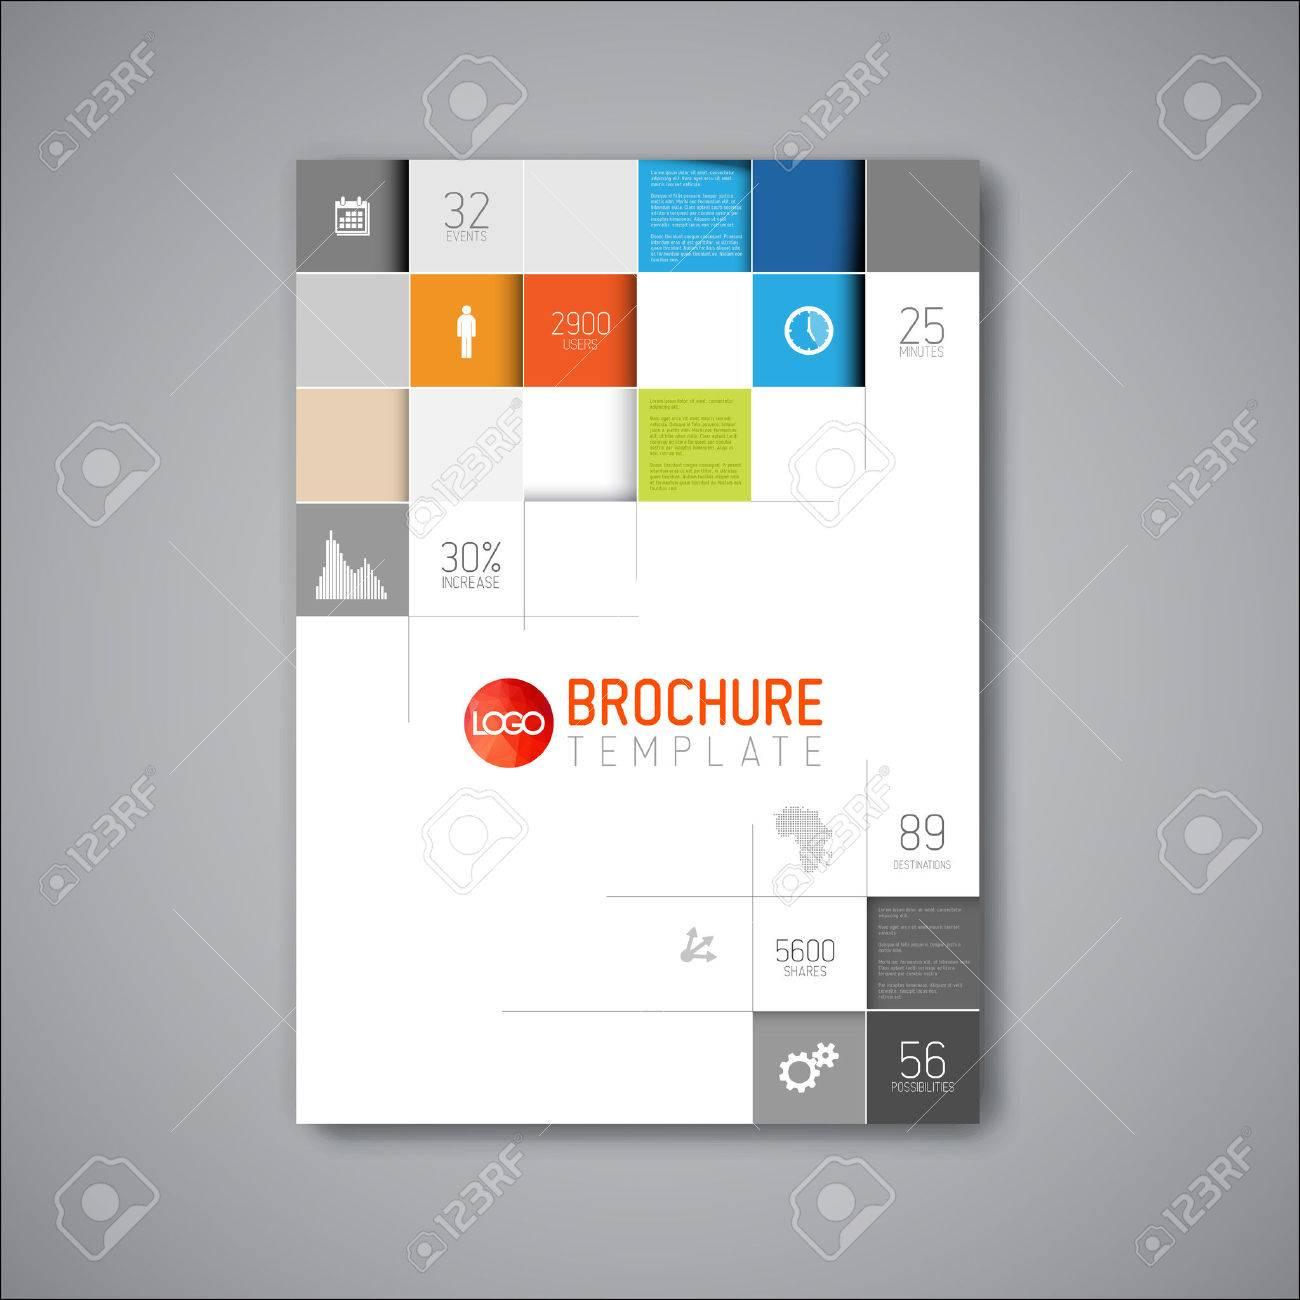 Moderne Vector Abstract Broschüre / Buch / Flyer Design-Vorlage ...